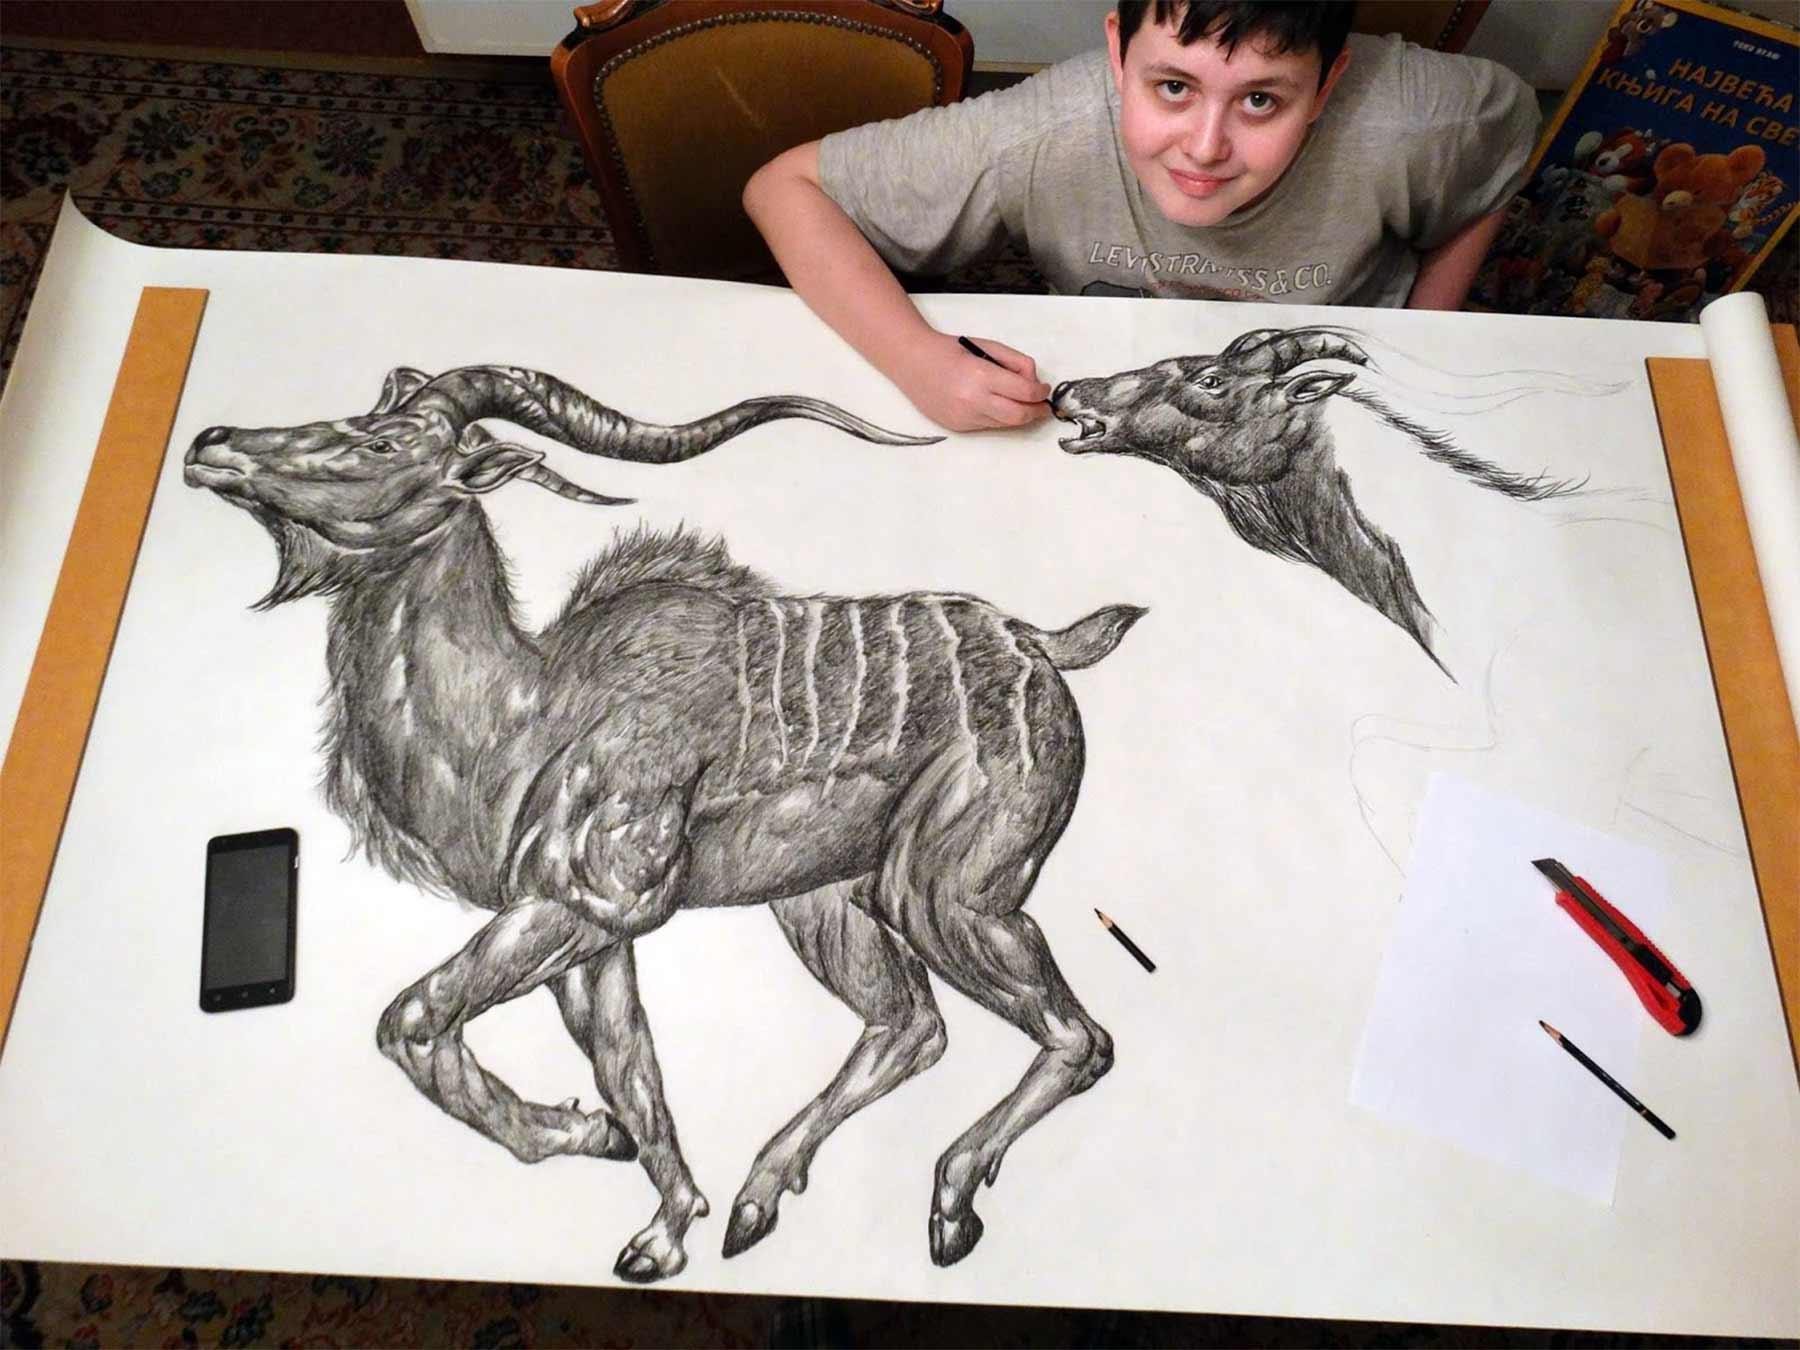 Die genialen Zeichnungen des 15-jährigen Dušan Krtolica Dusan-Krtolica-zeichnungen-2018_04